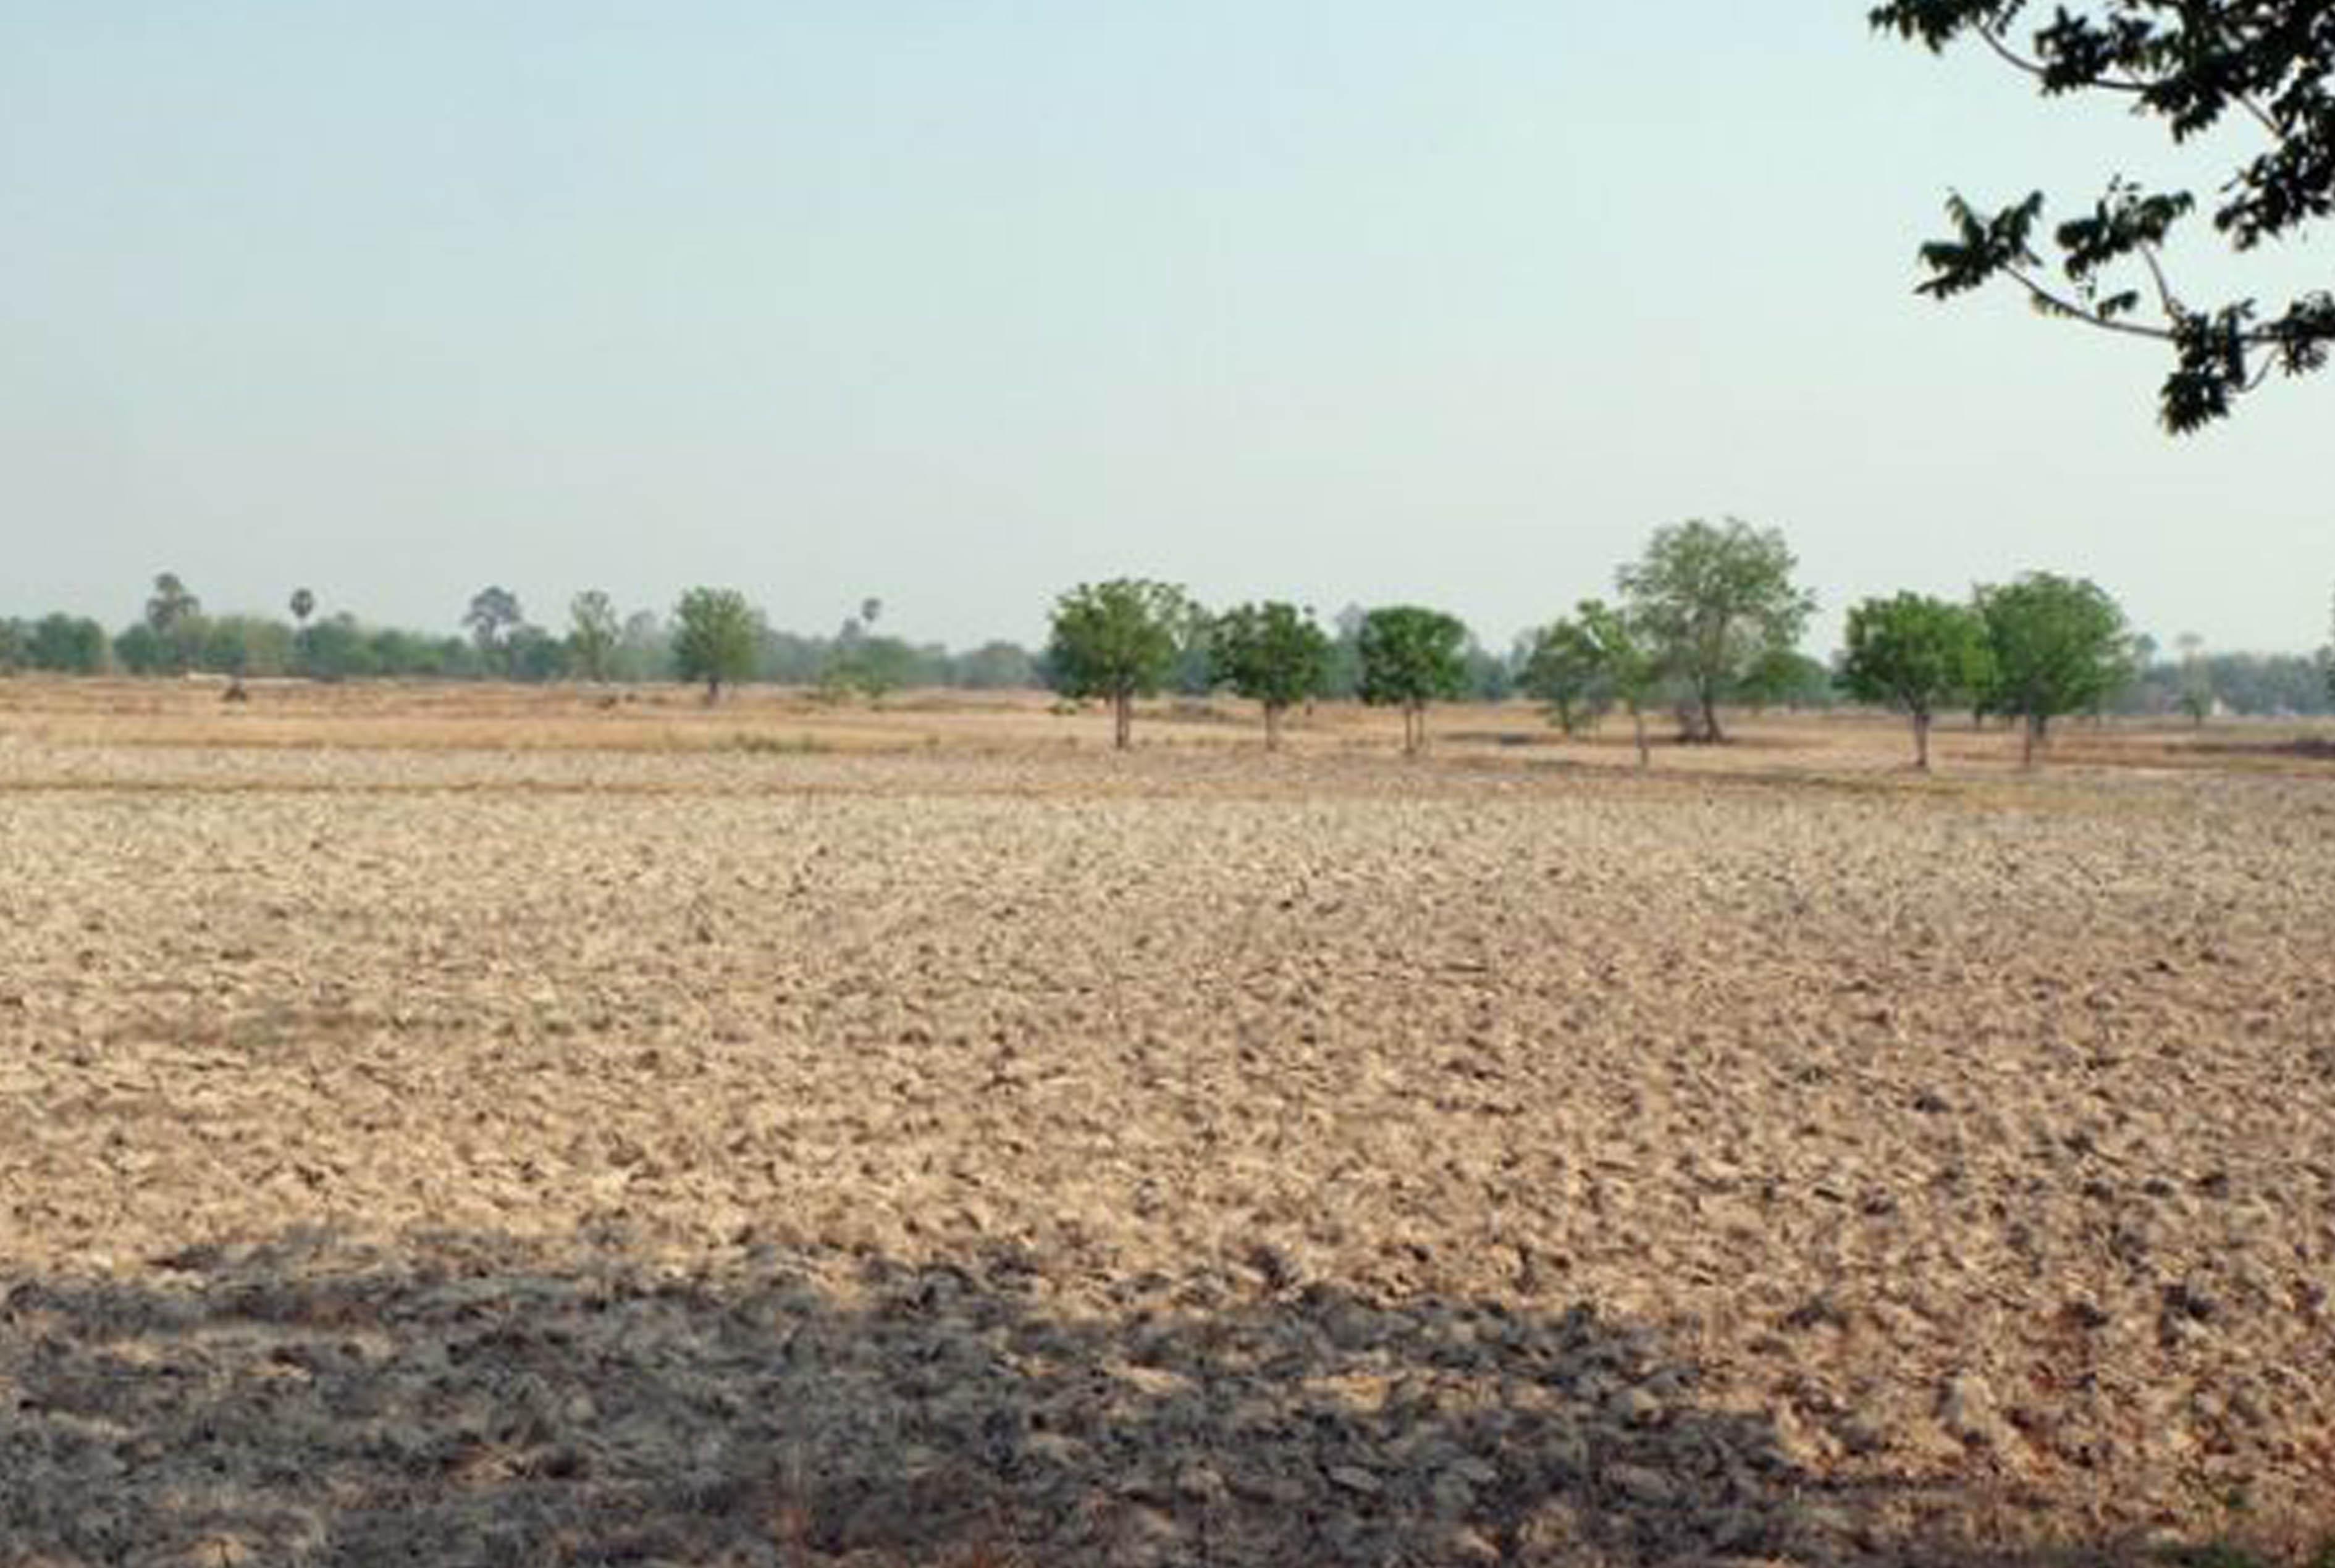 タイの干ばつ問題 - ワイズデジタル【タイで生活する人のための情報サイト】